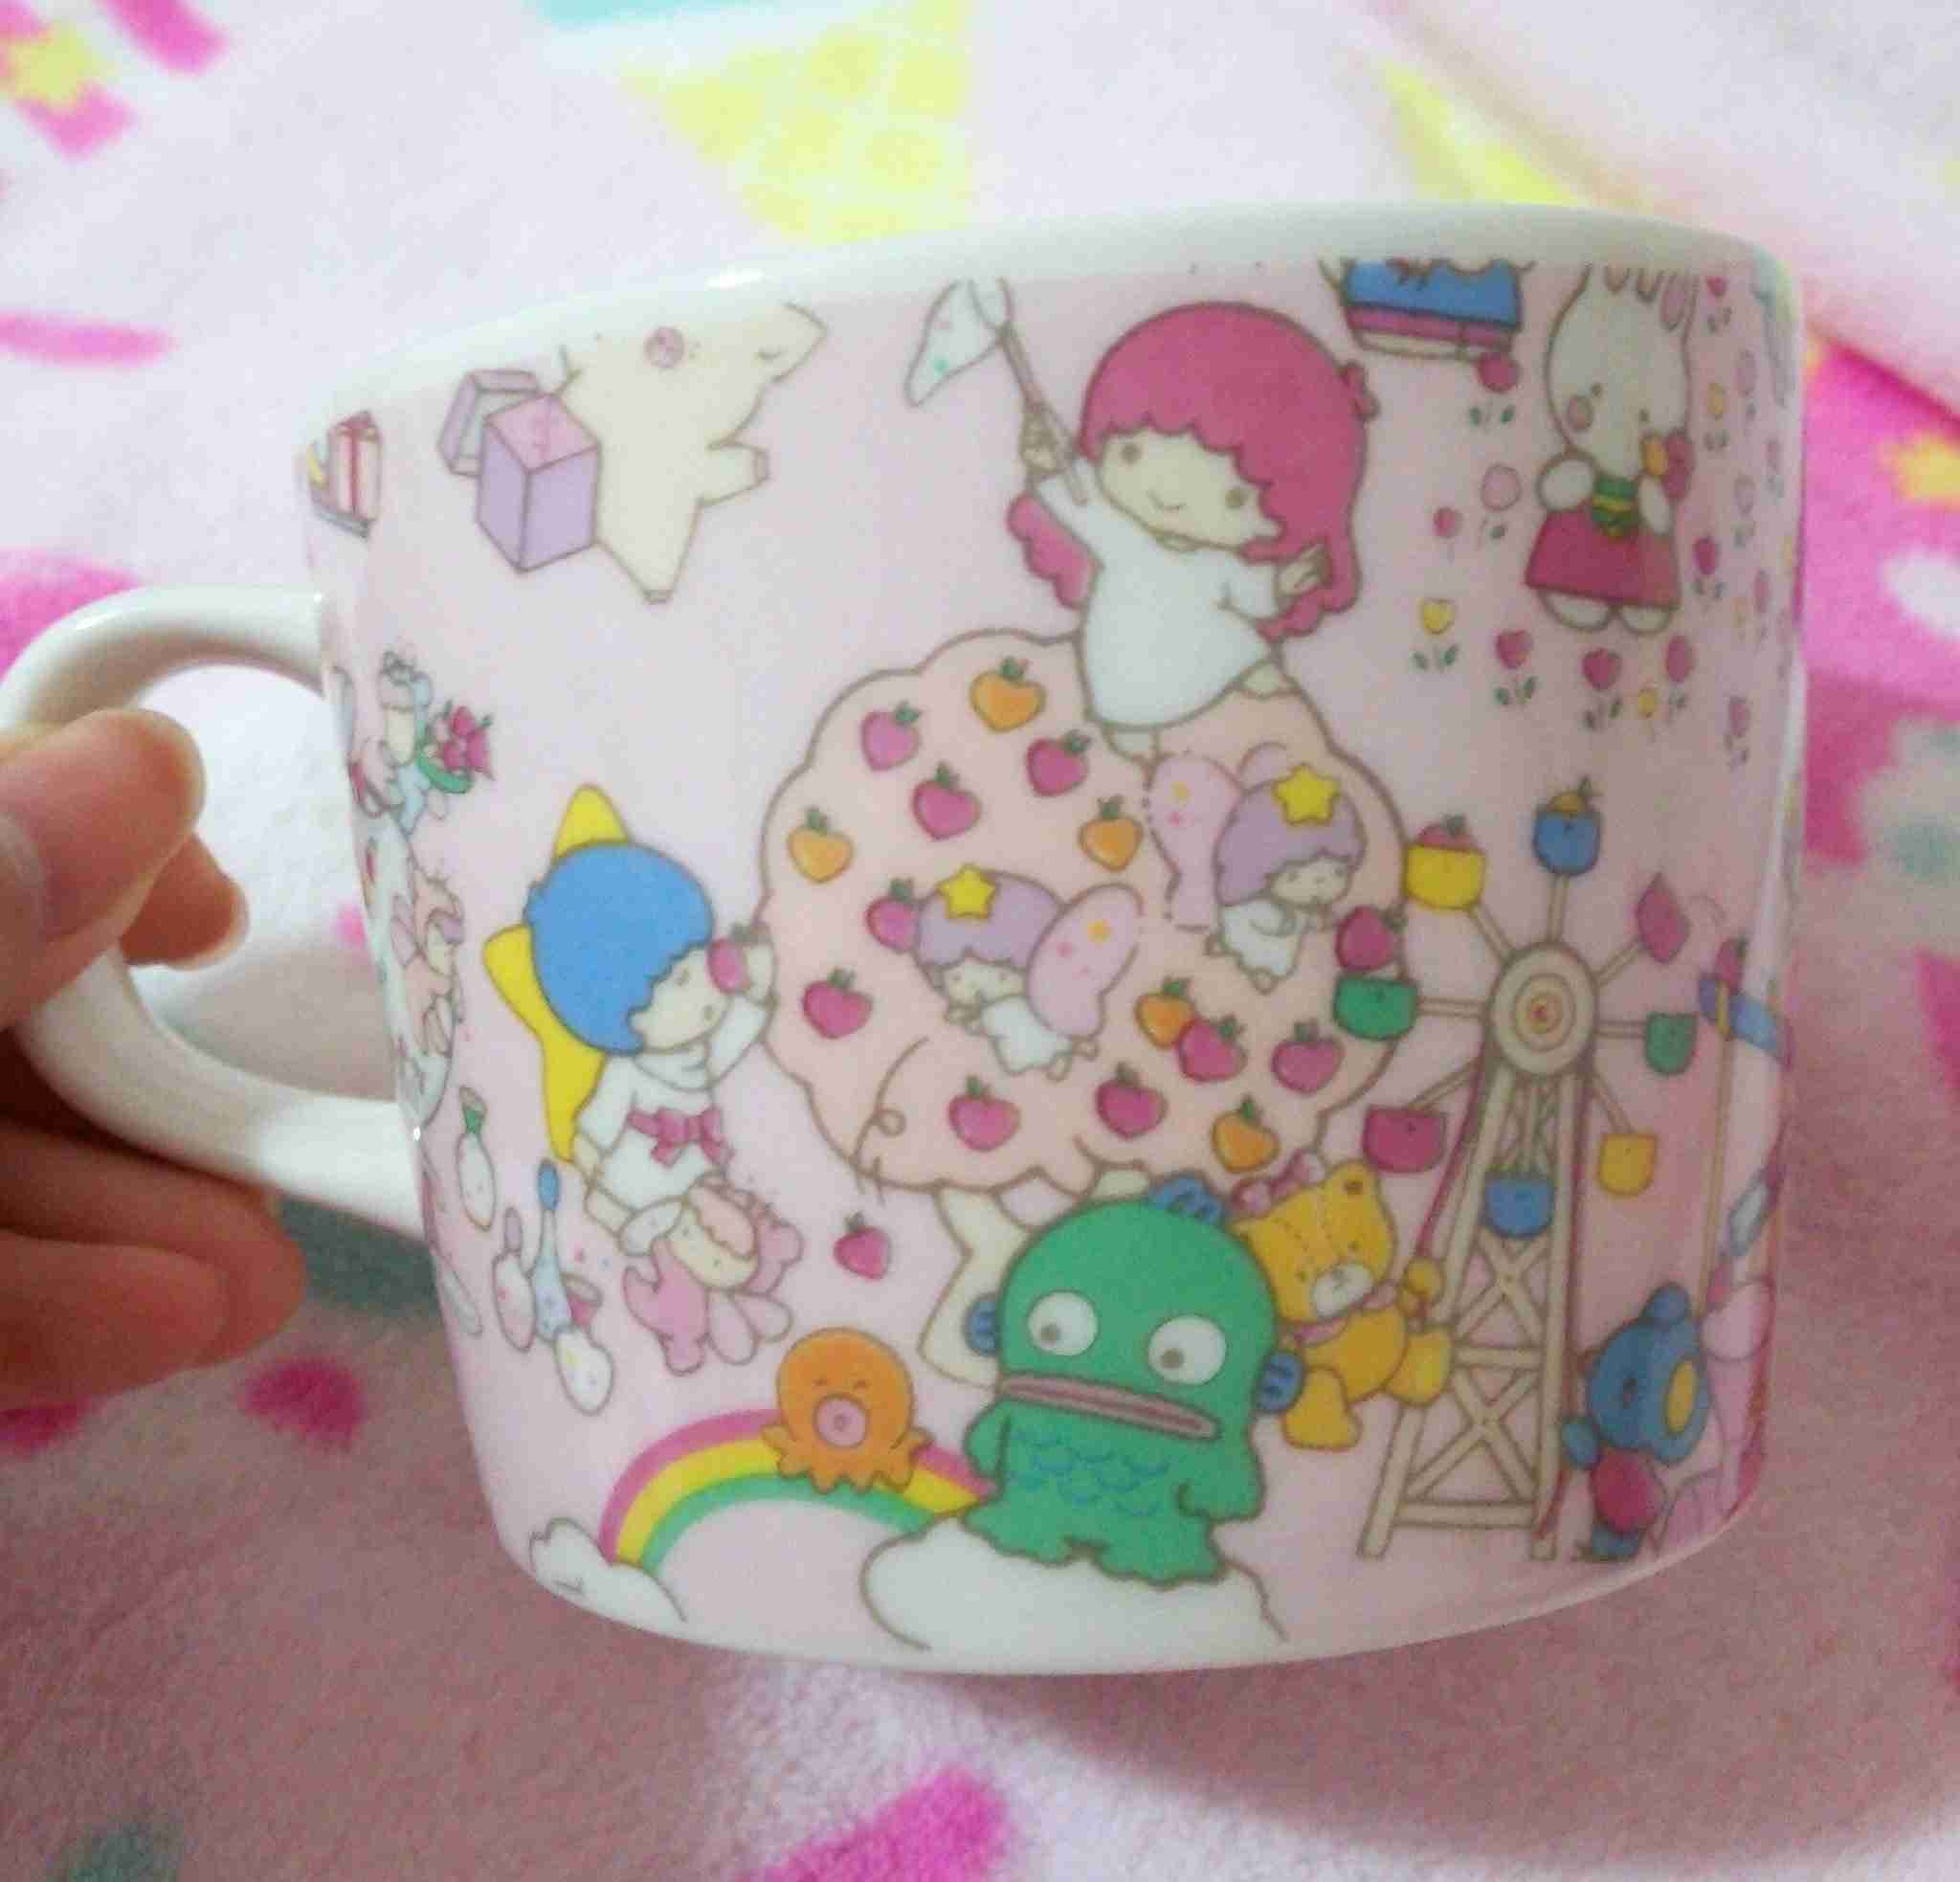 キキララとシナモンがお茶専門店「ルピシア」と初コラボ